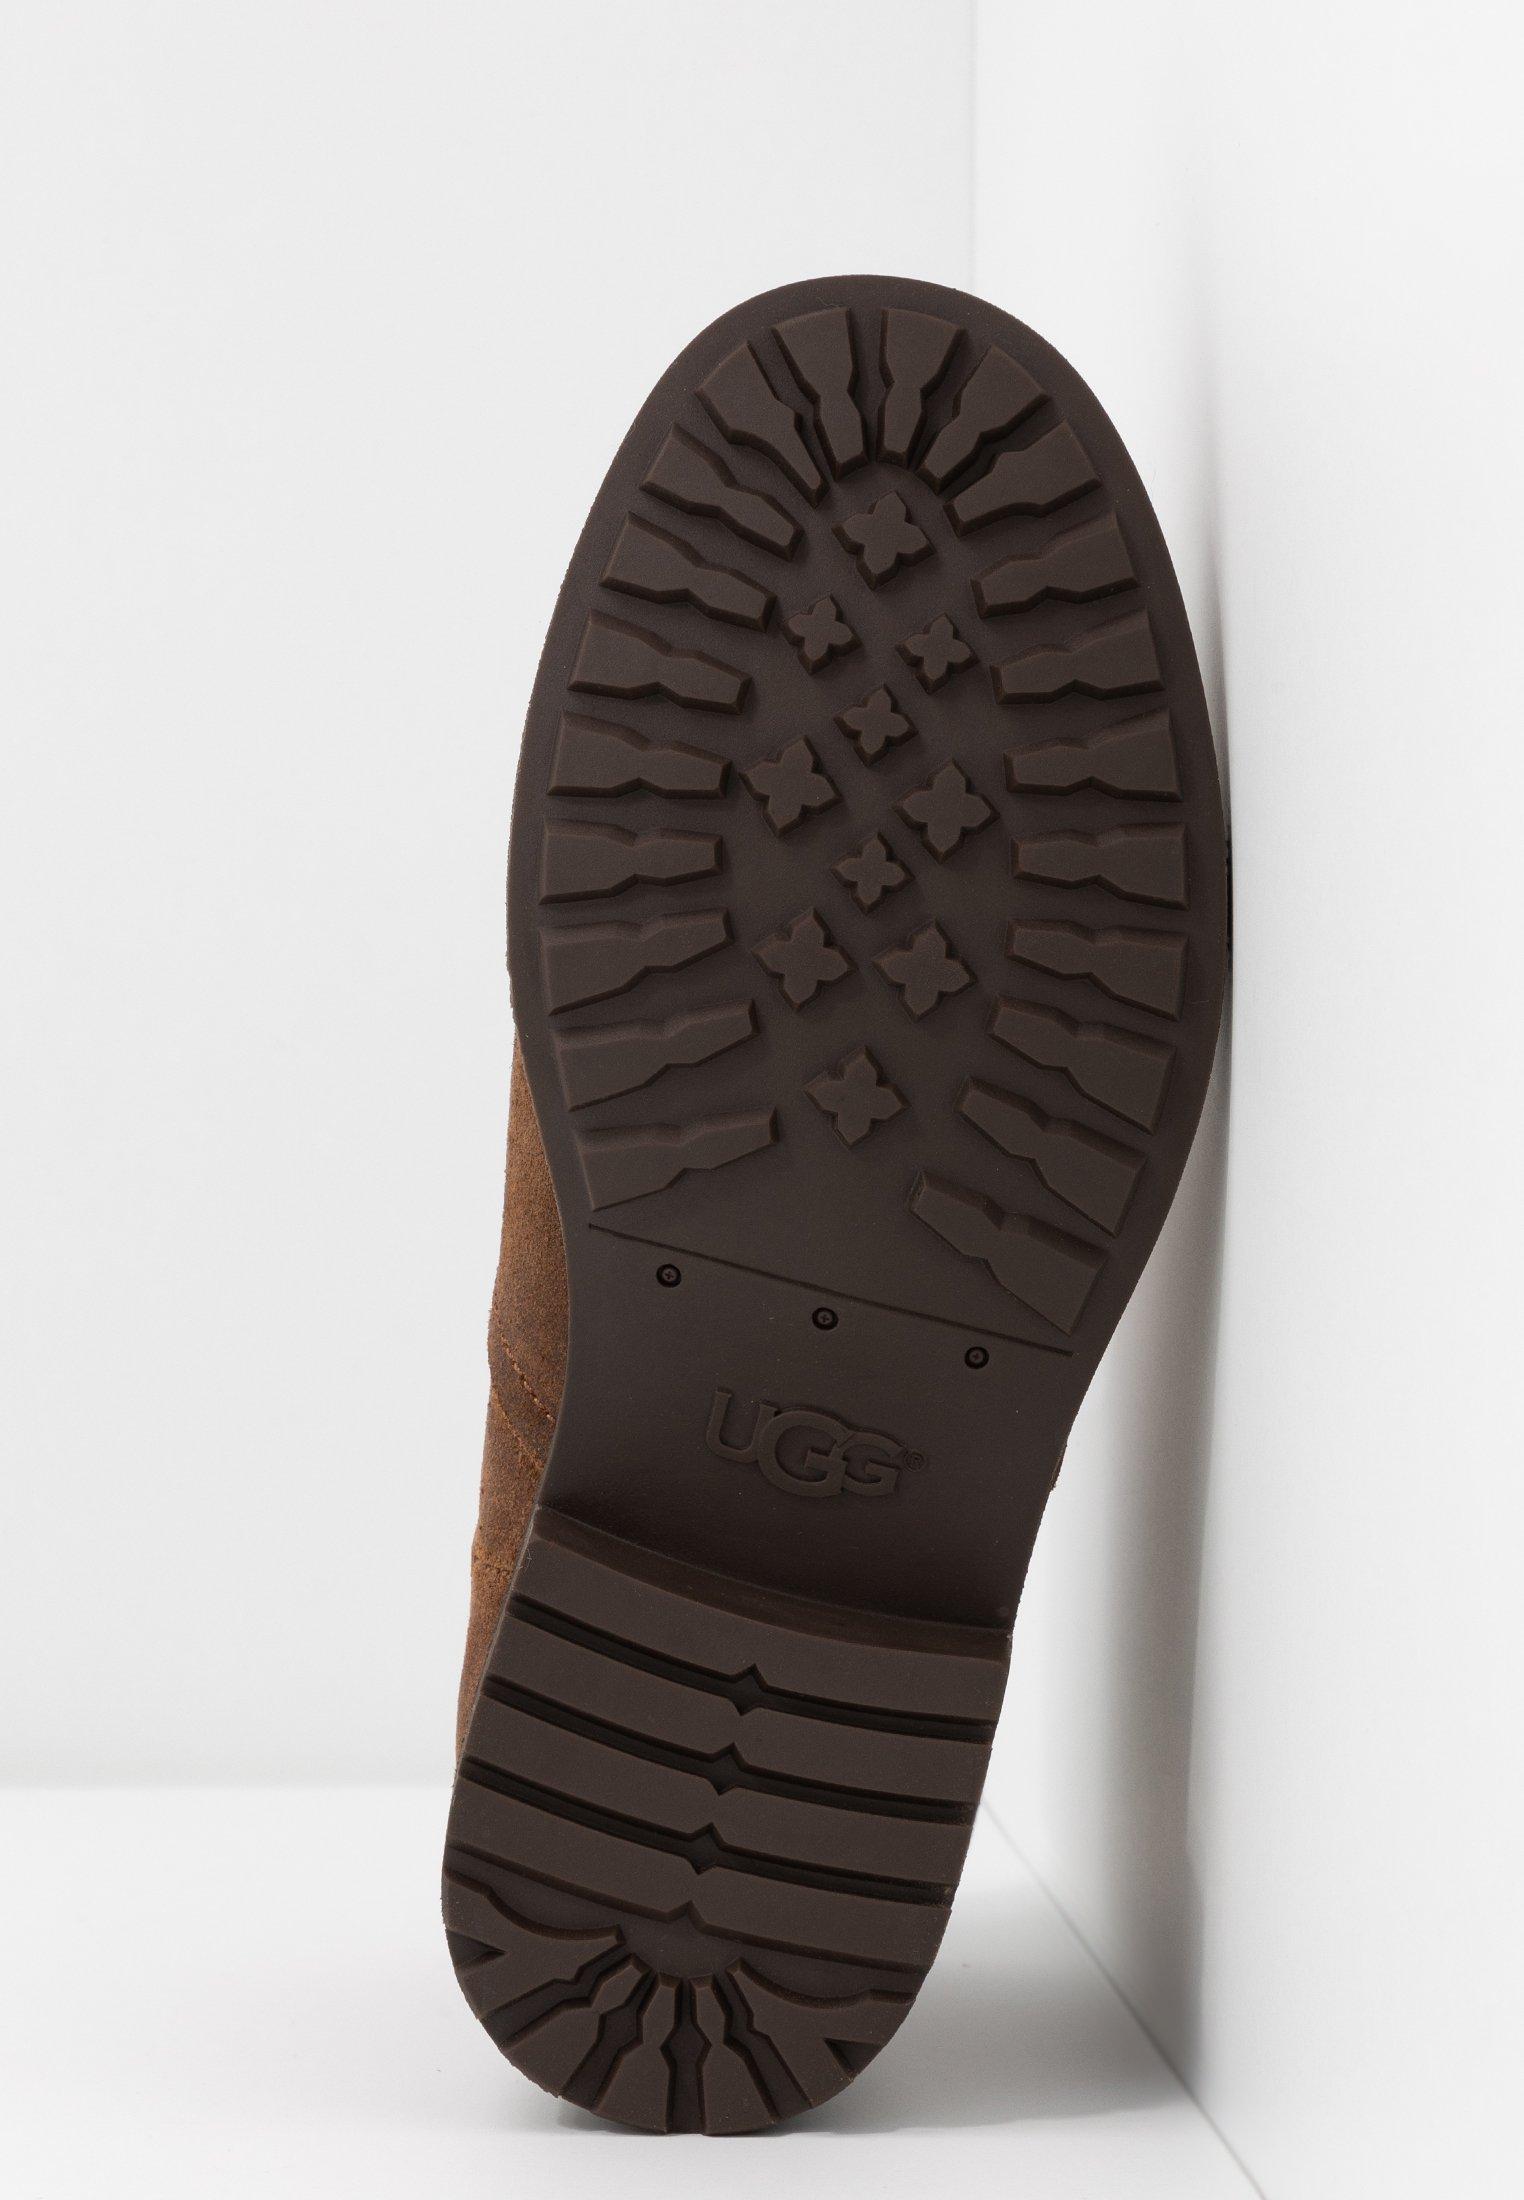 UGG BONHAM BOOT - Stövletter - chipmunk